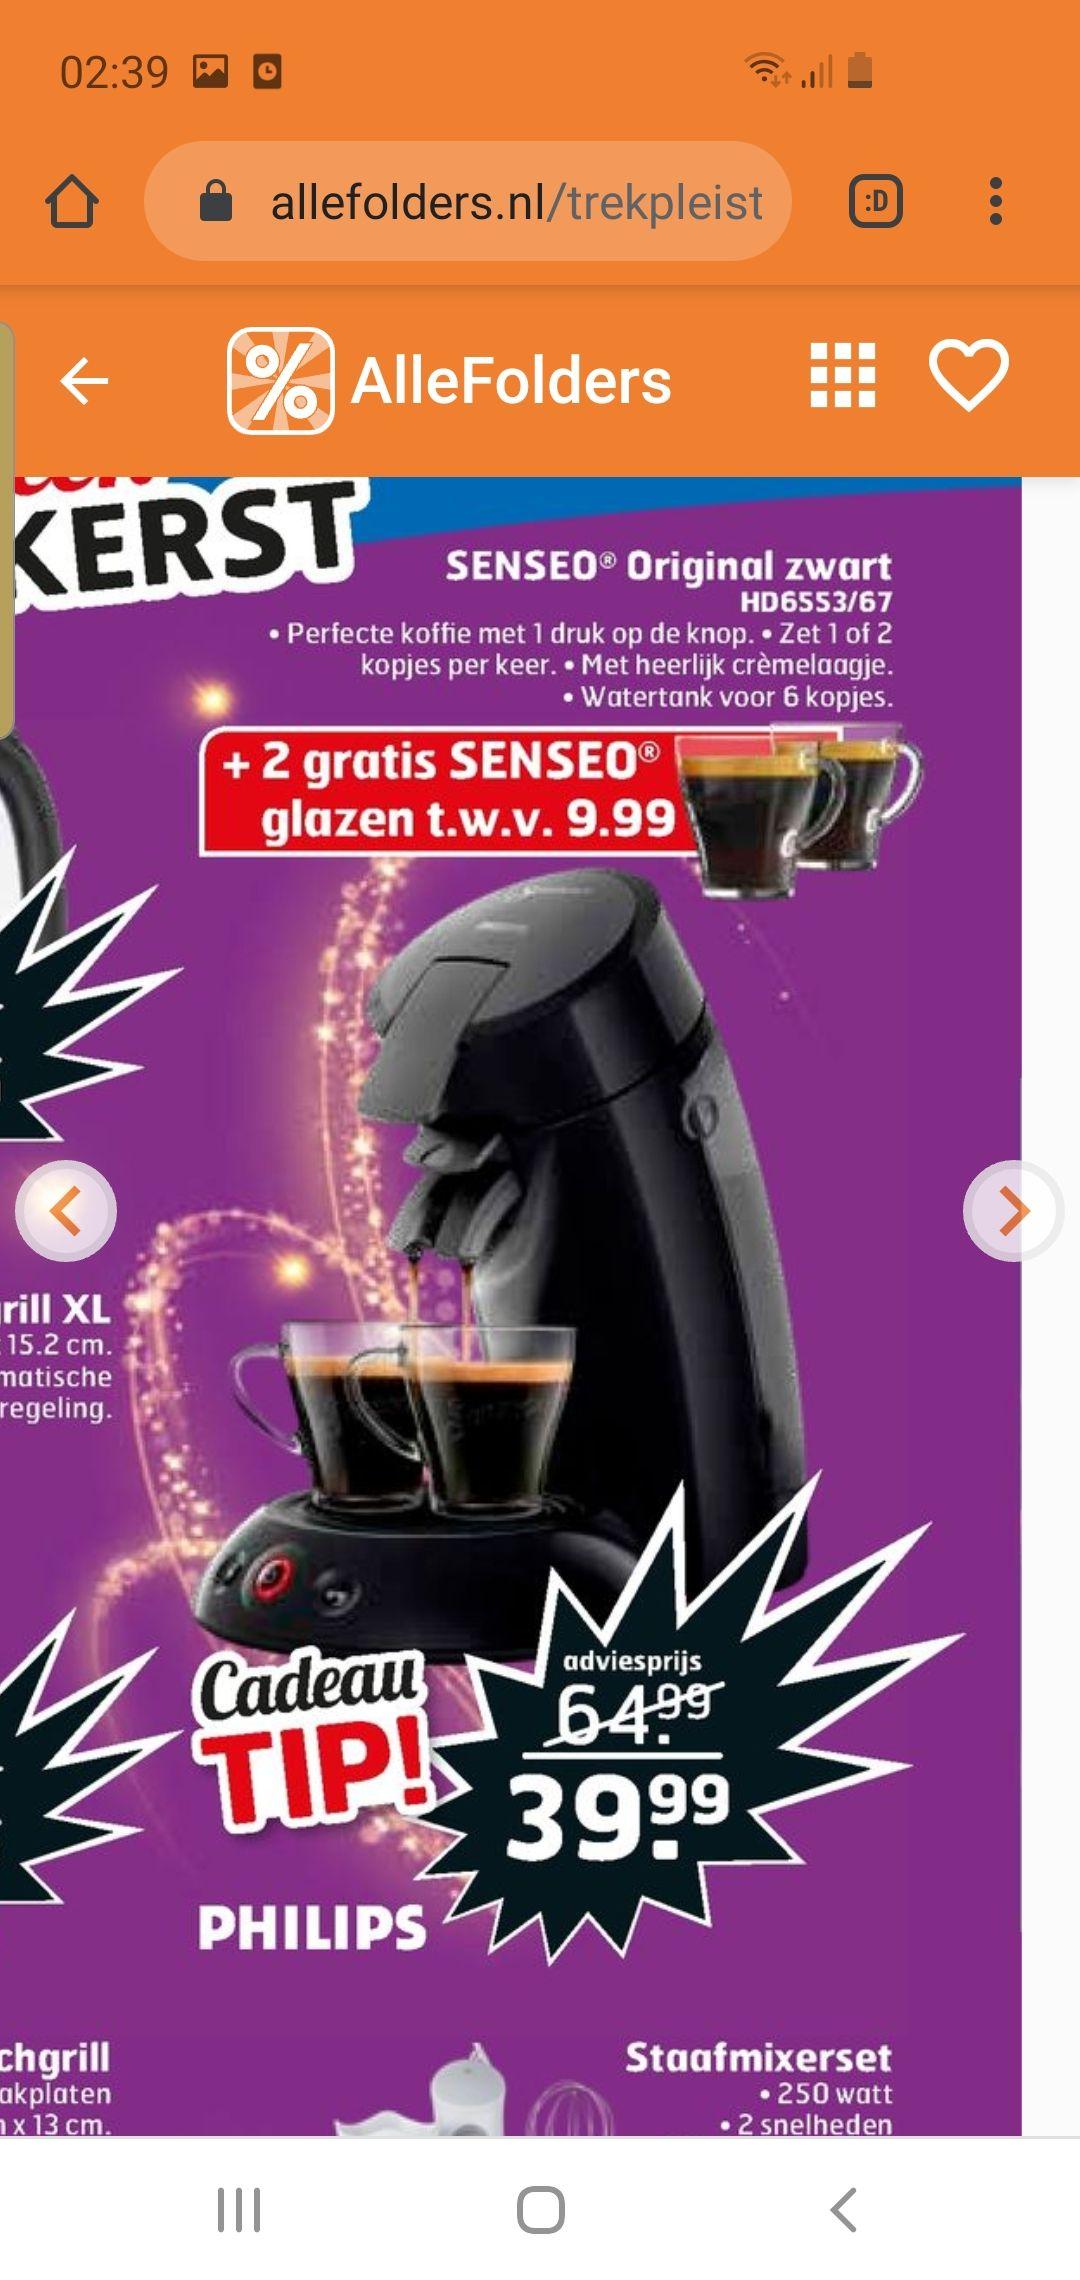 Philips Senseo original zwart met 2 gratis glazen ter waarde van €9.99